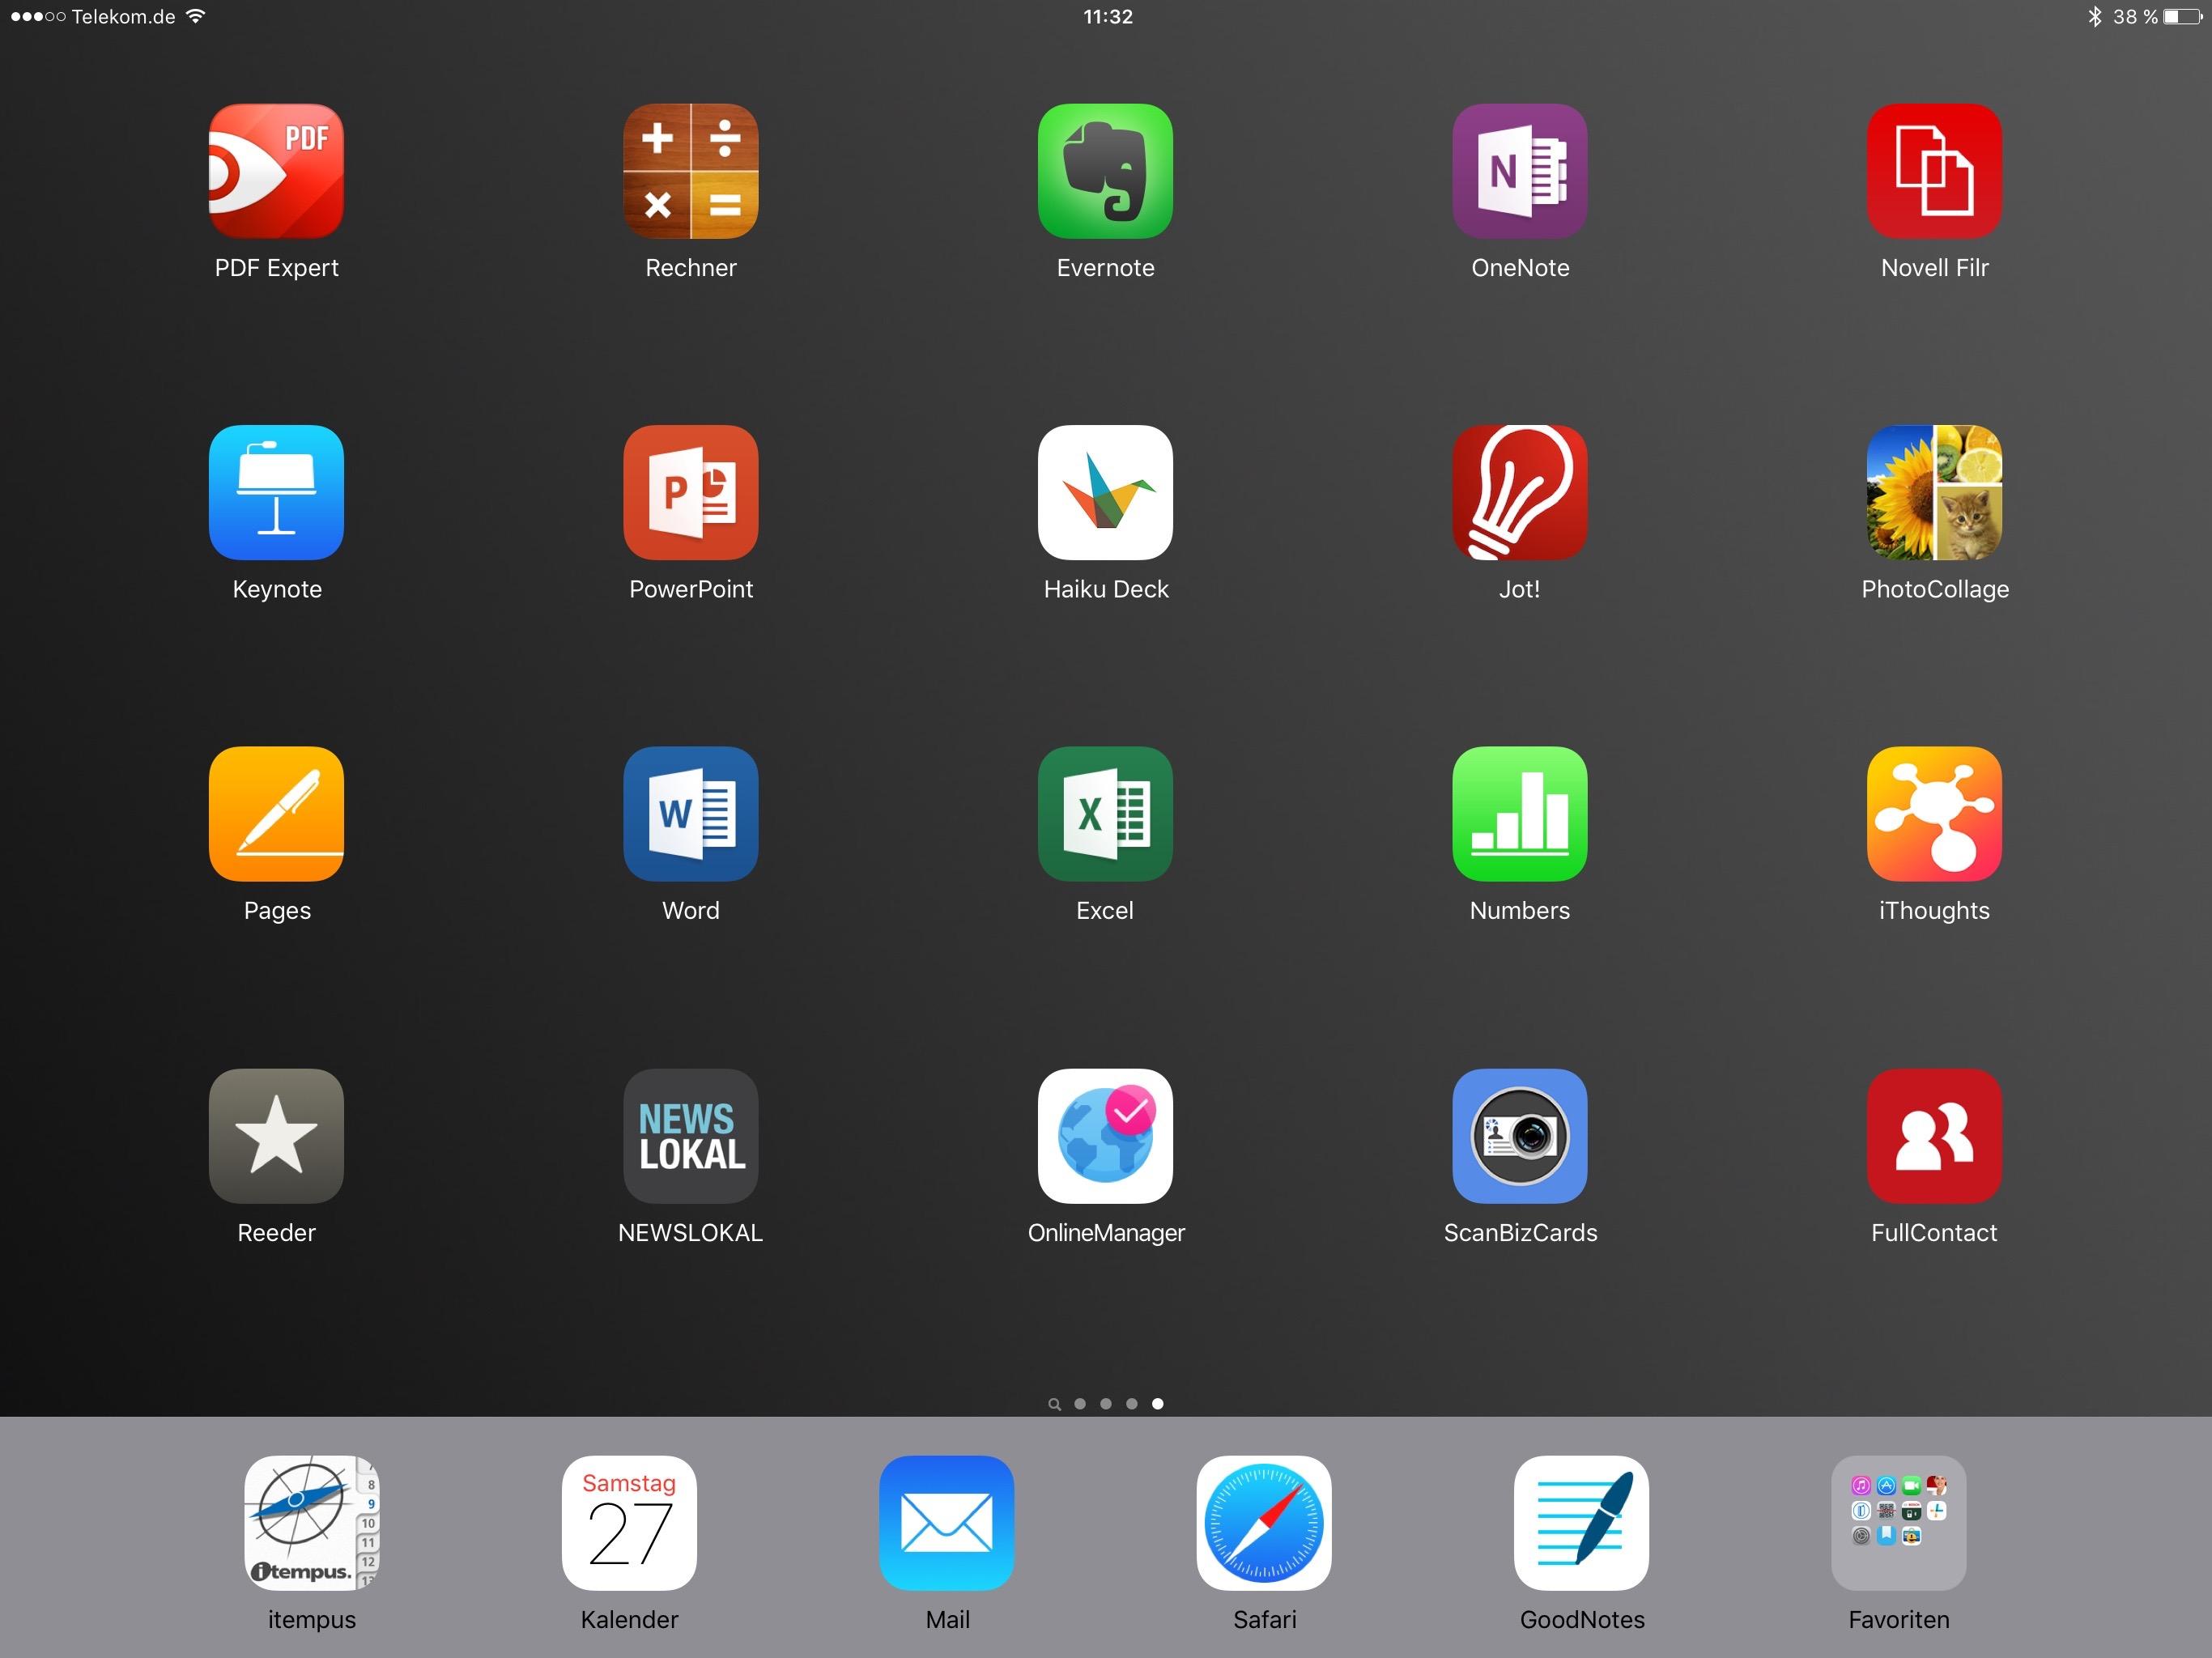 iPad-only am Beispiel erfolgreicher Unternehmen